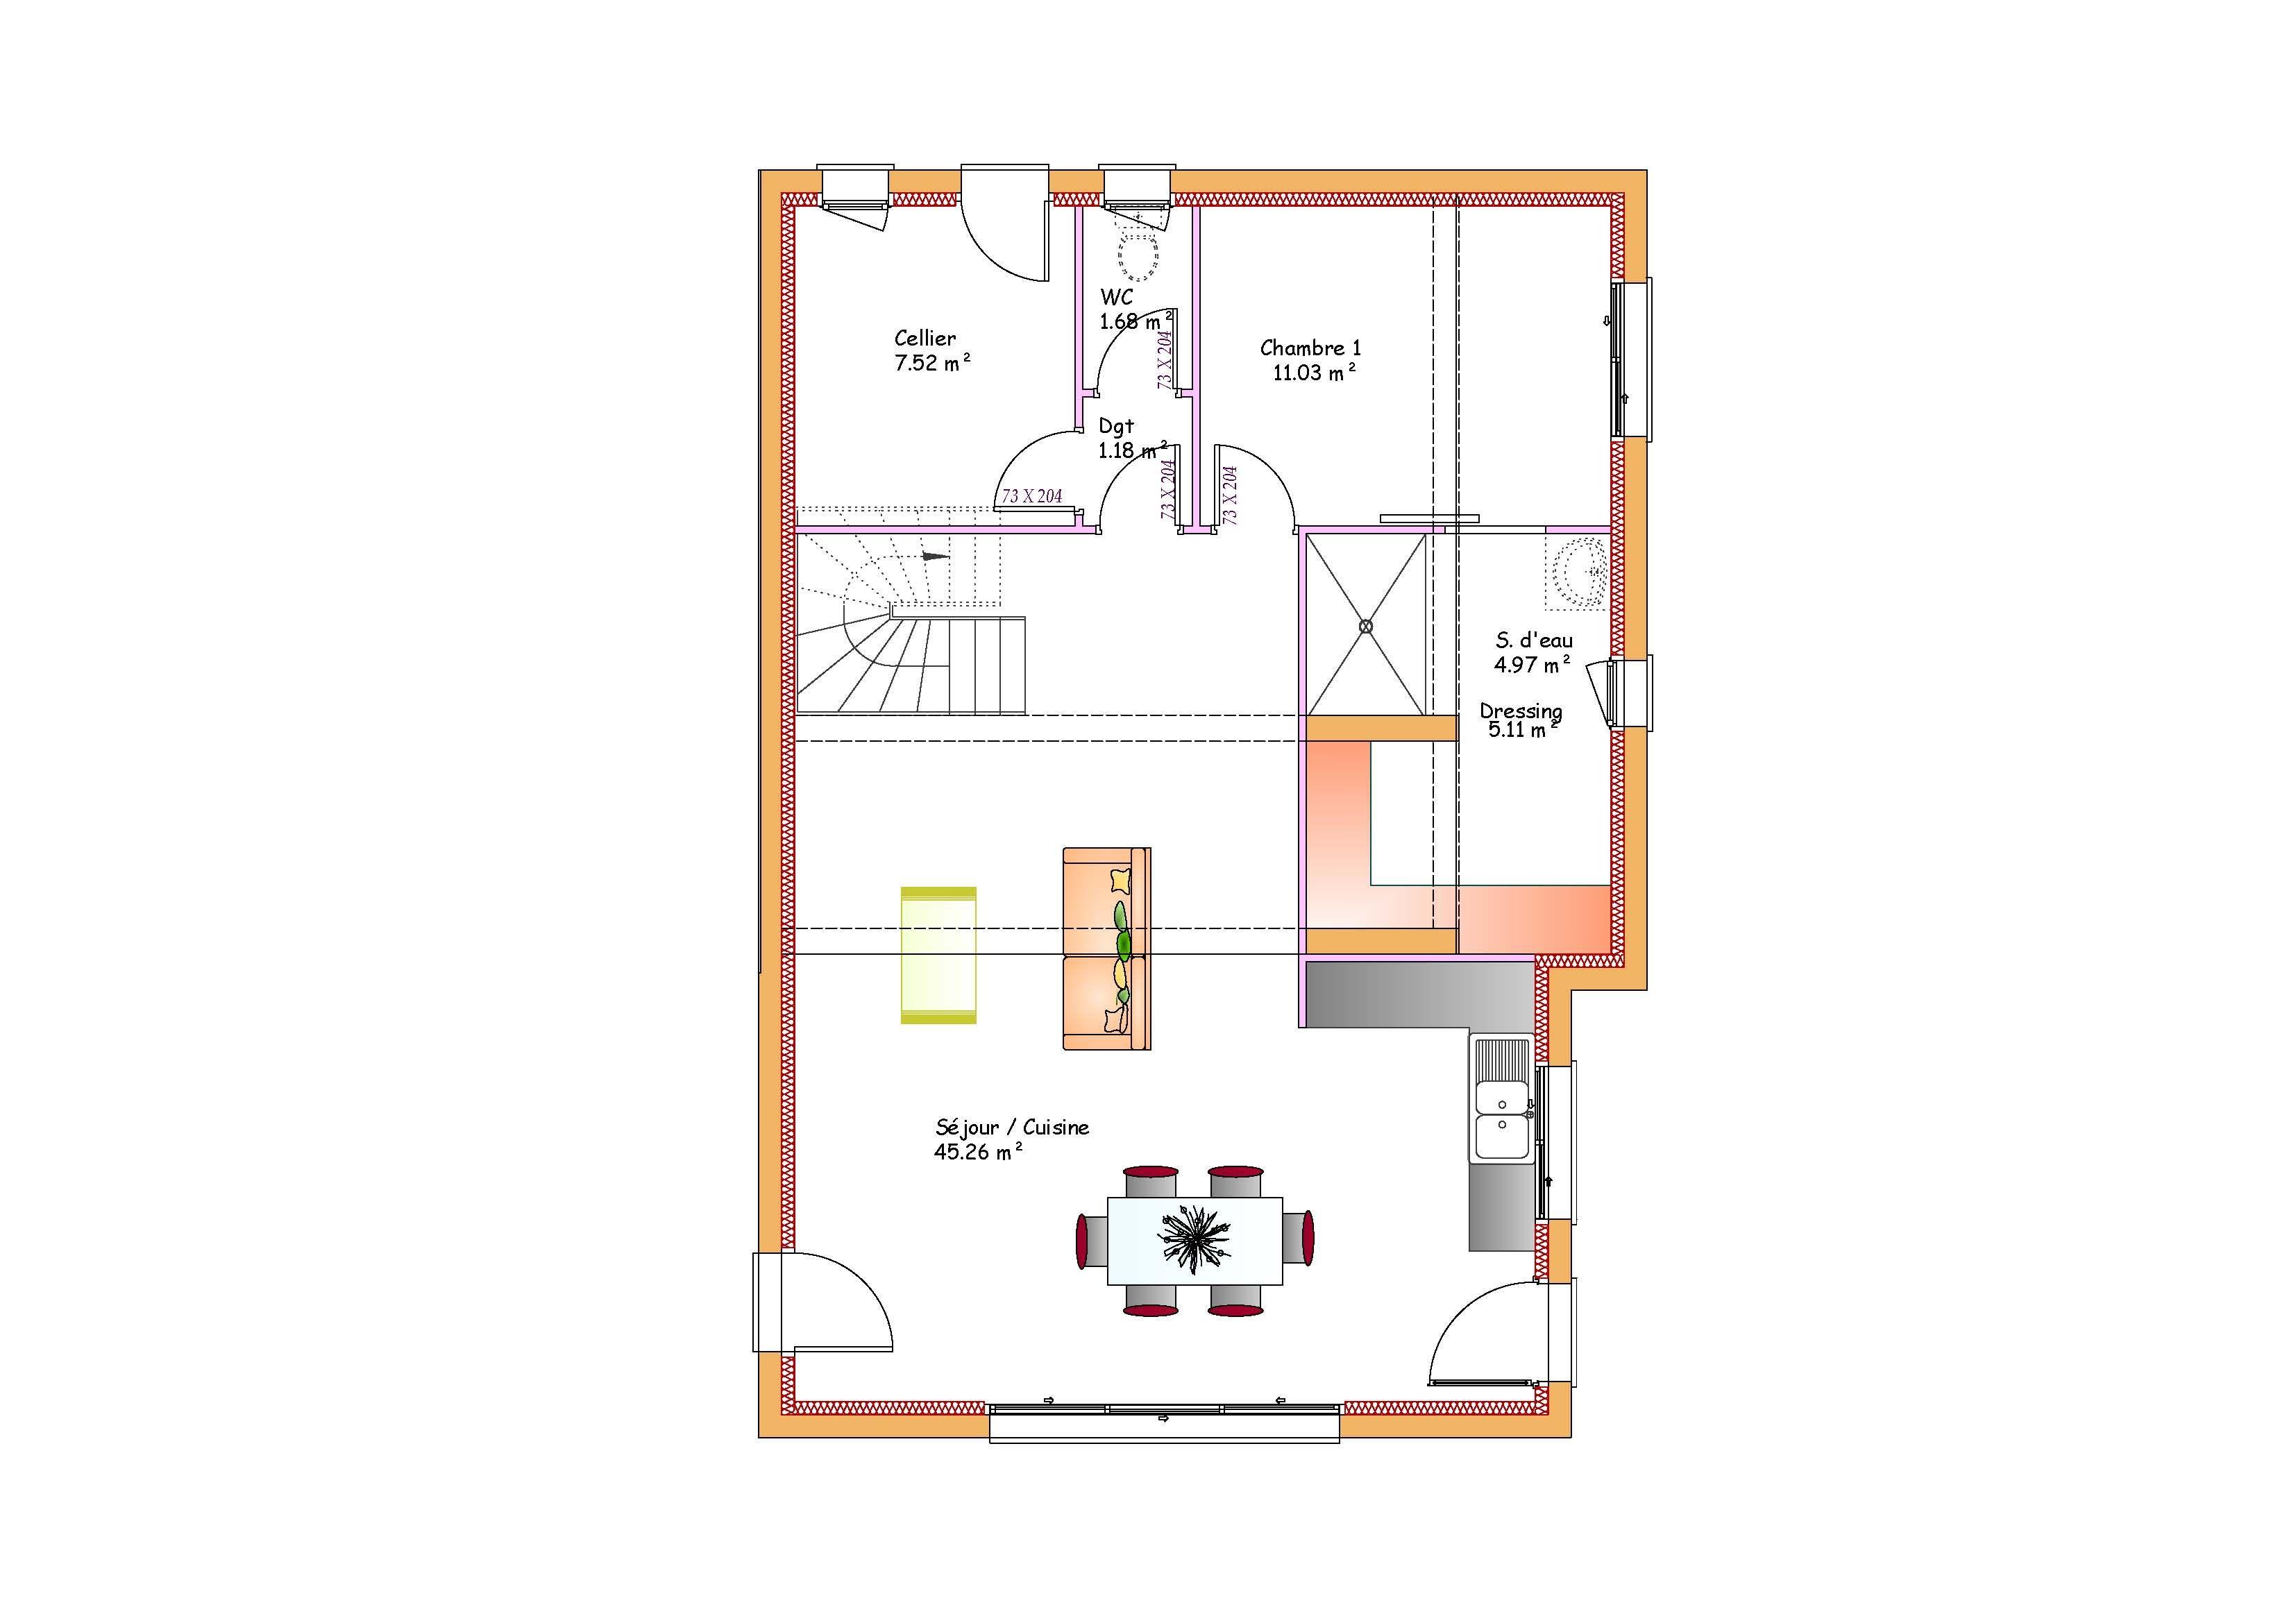 Modèles et plans de maisons modèle à étage inspiration étage toit terrasse constructions demeures